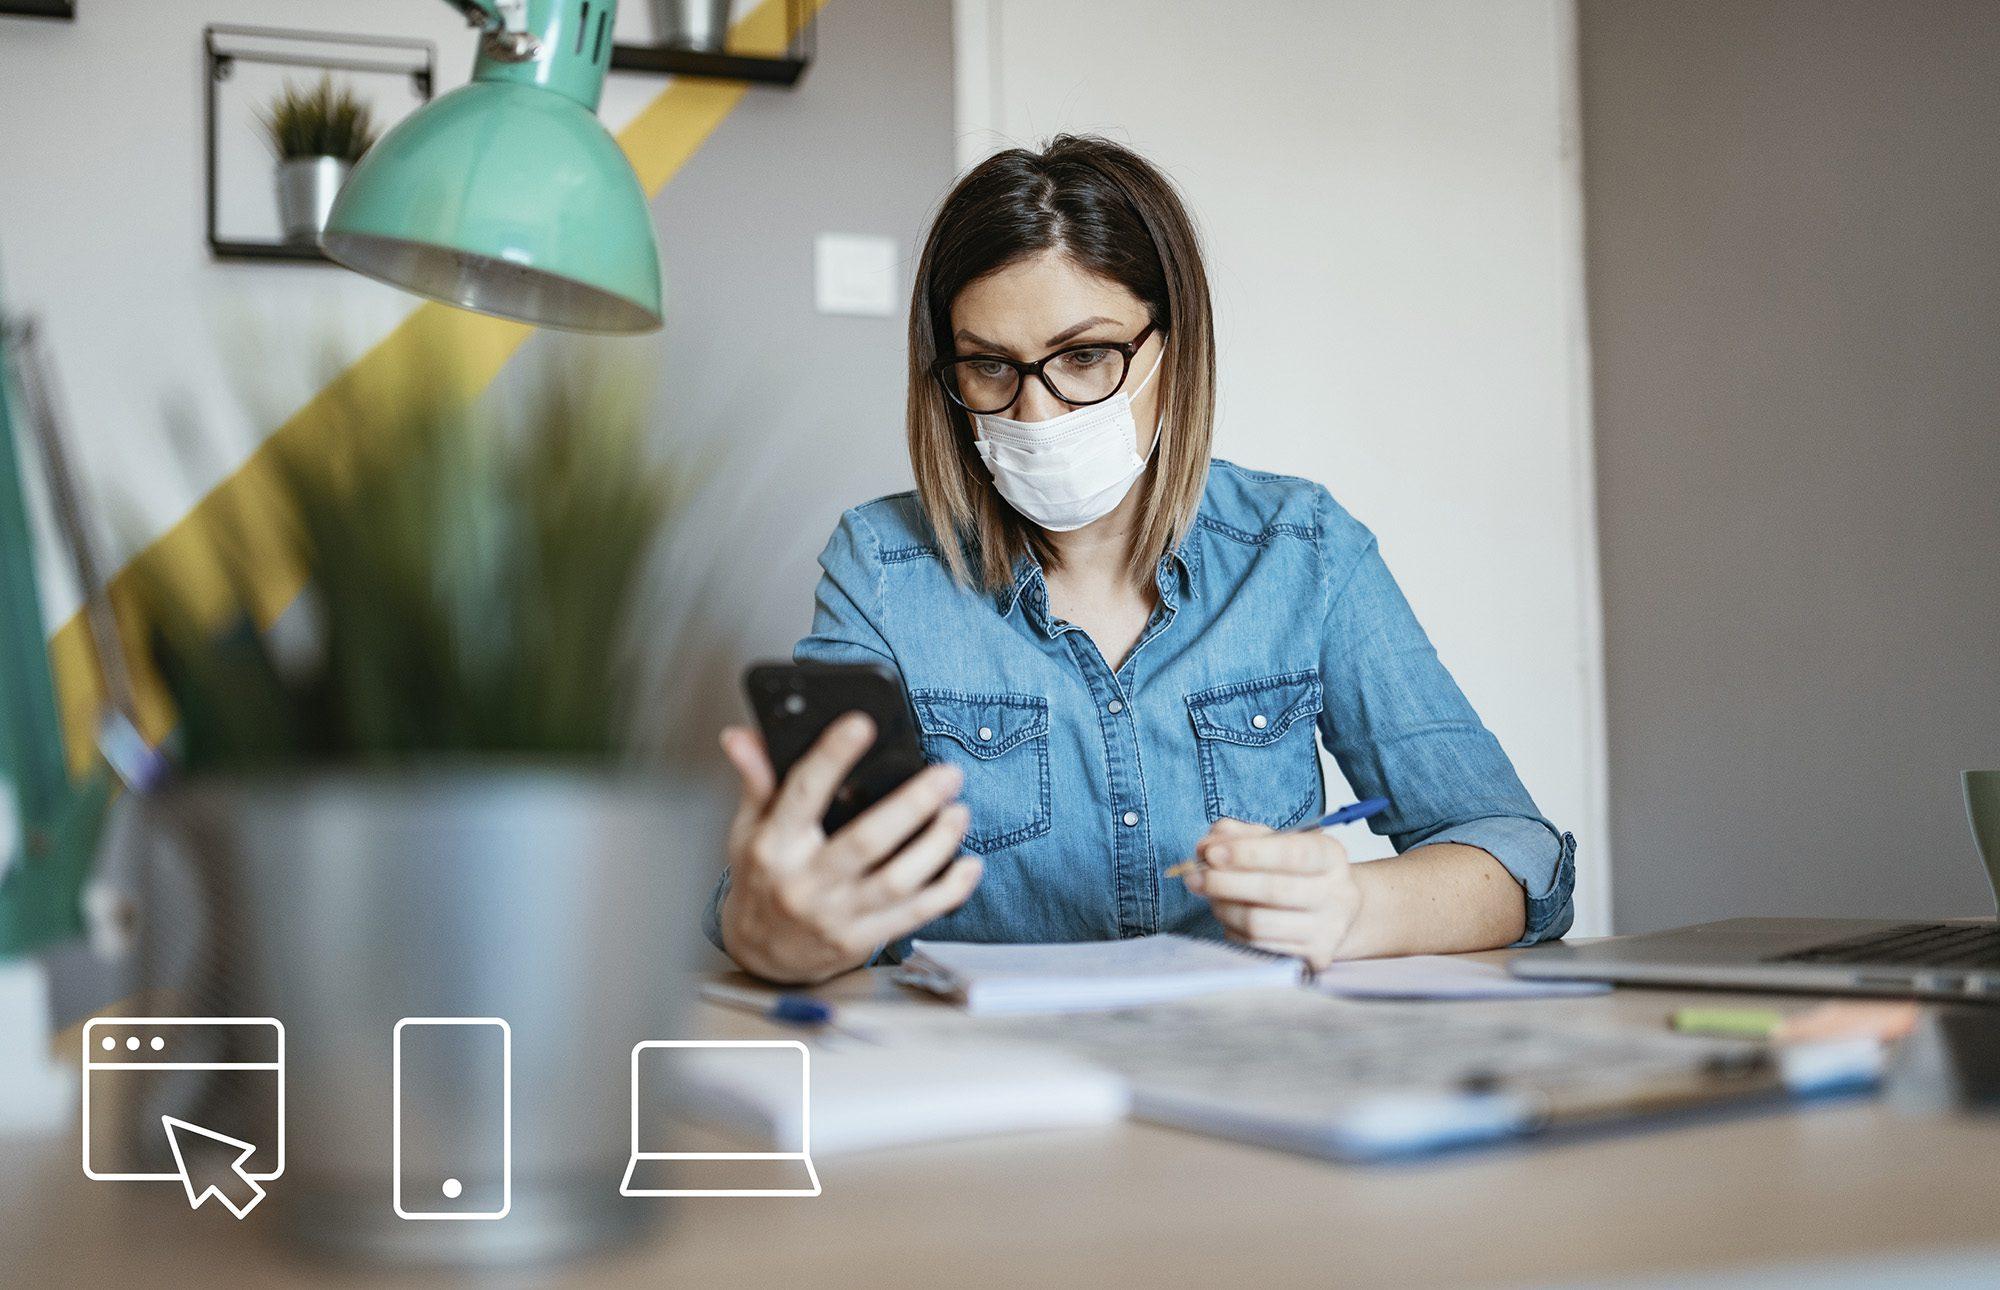 SX - Controle da vida financeira no isolamento social a importância dos  canais digitais